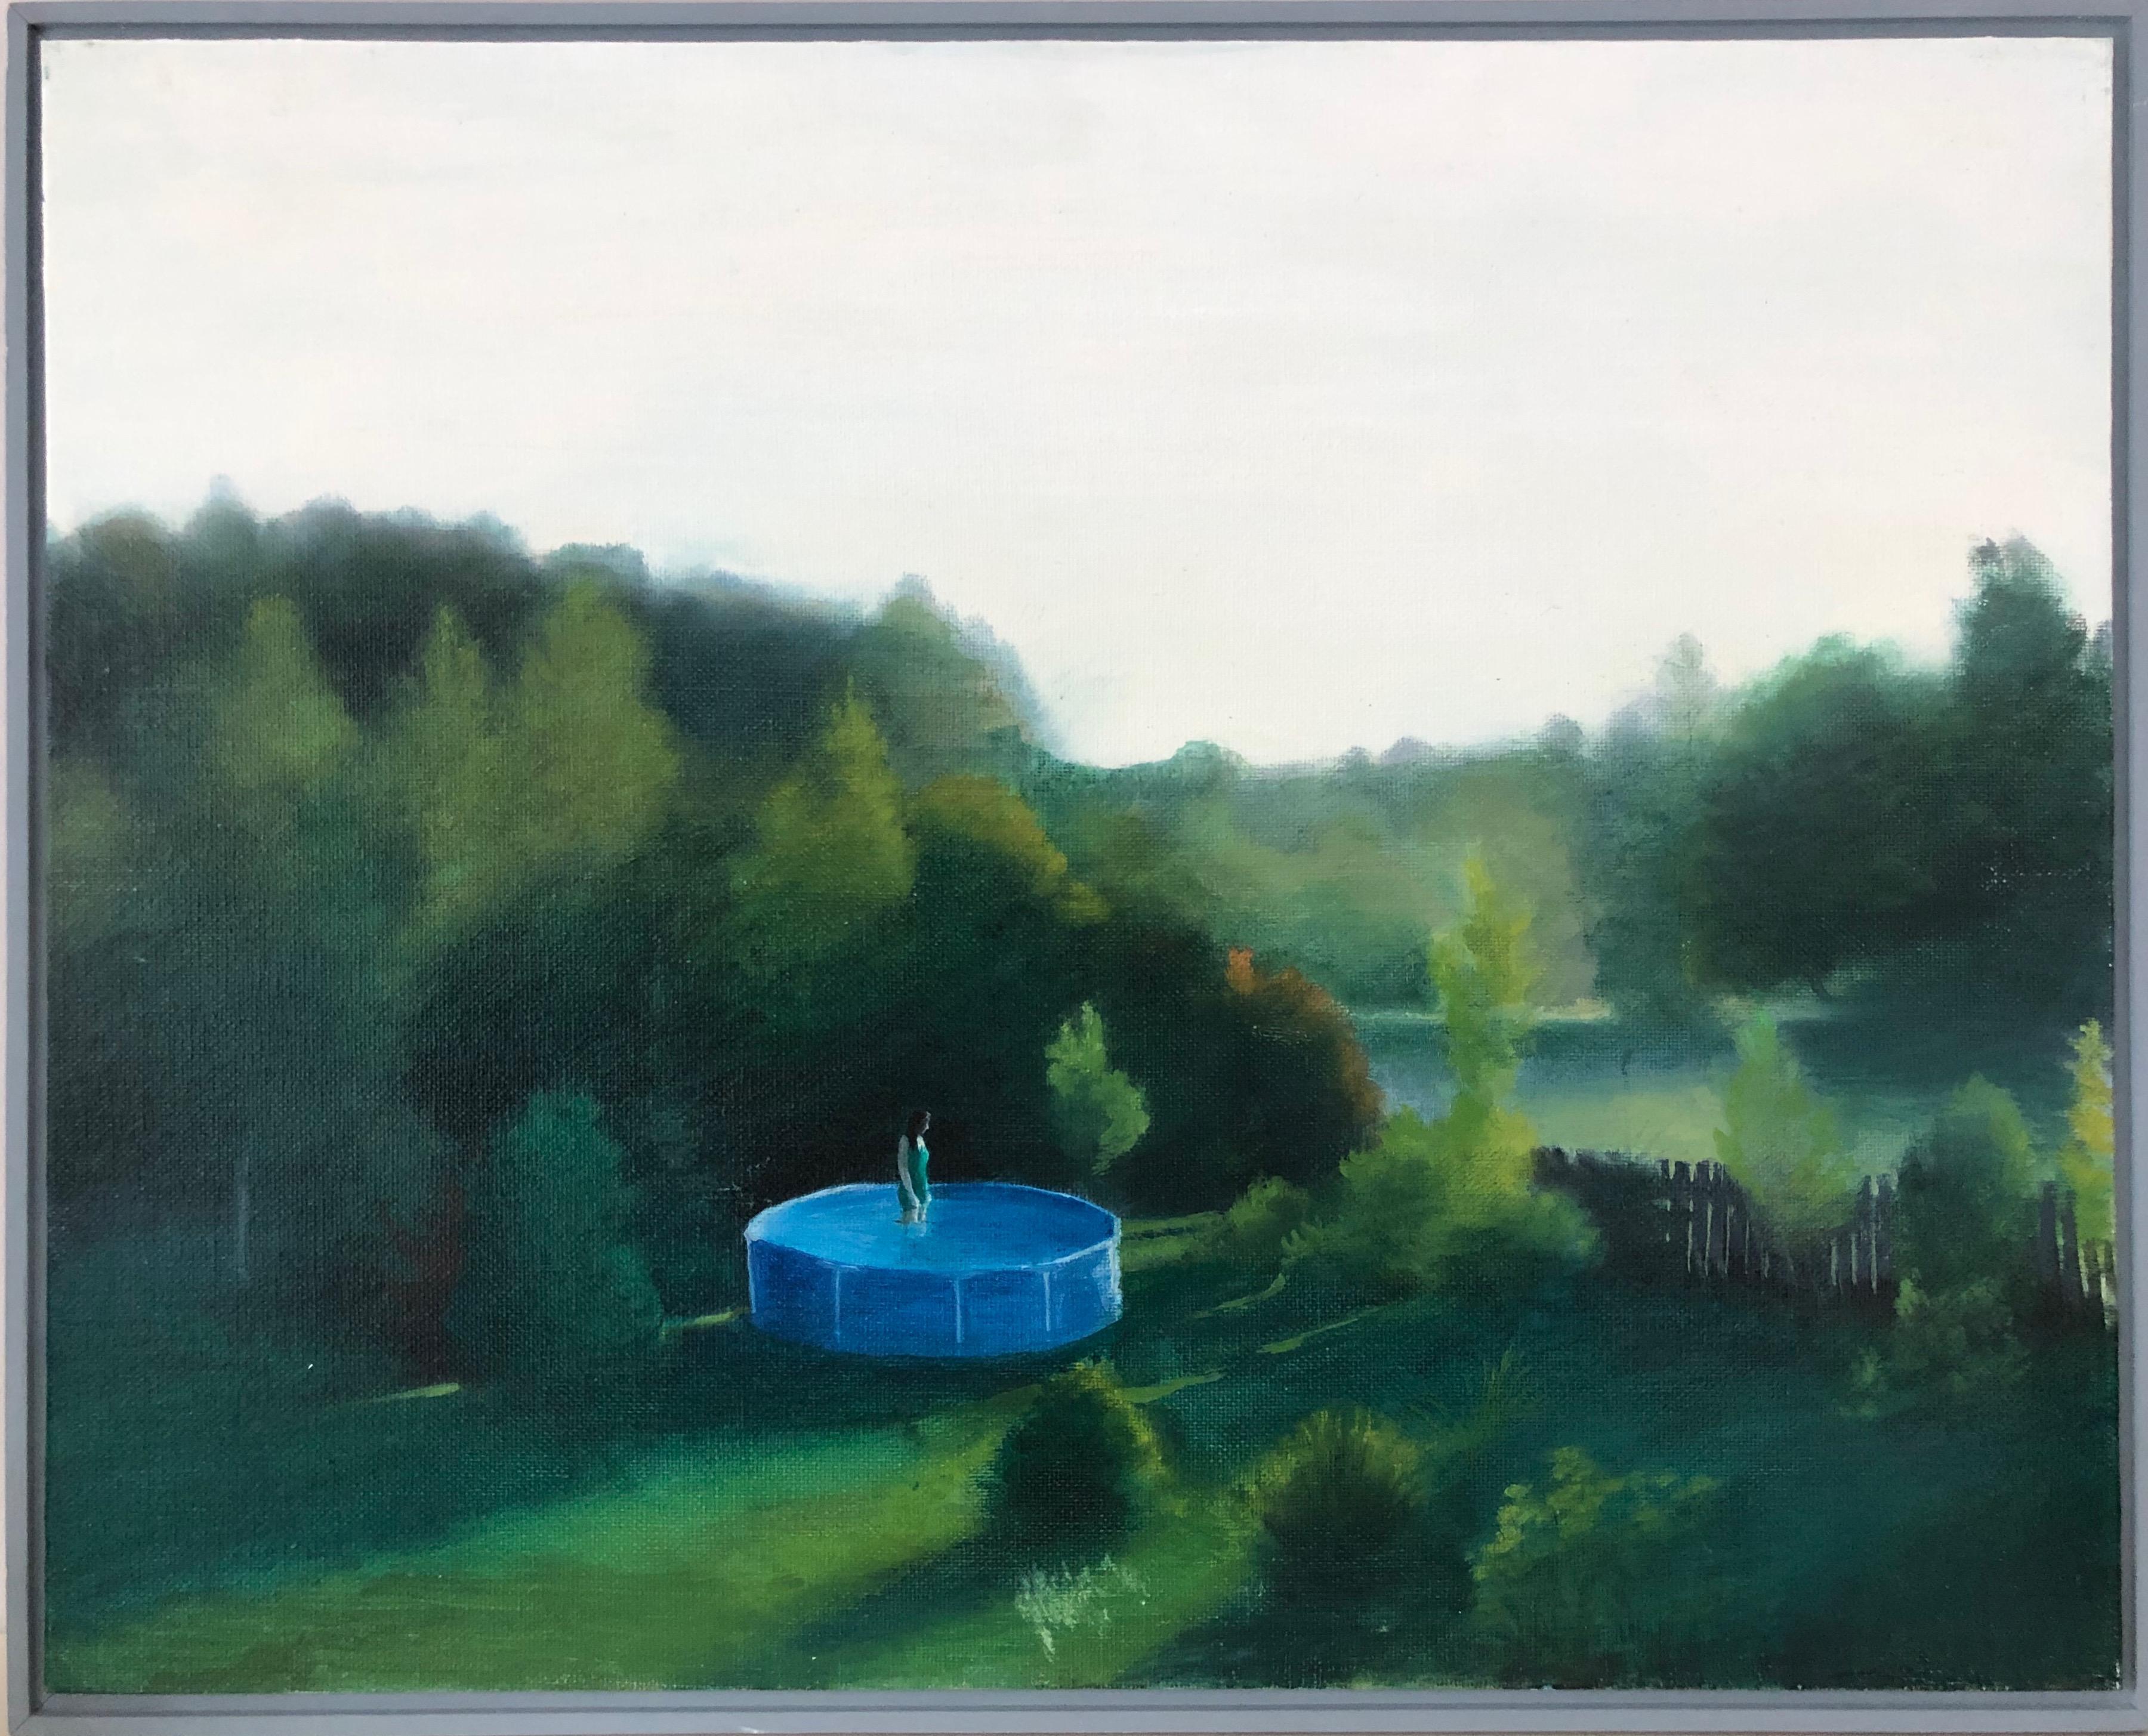 Bathing-landscape, canvas on cardboard, oil, framed, made in green, blue color